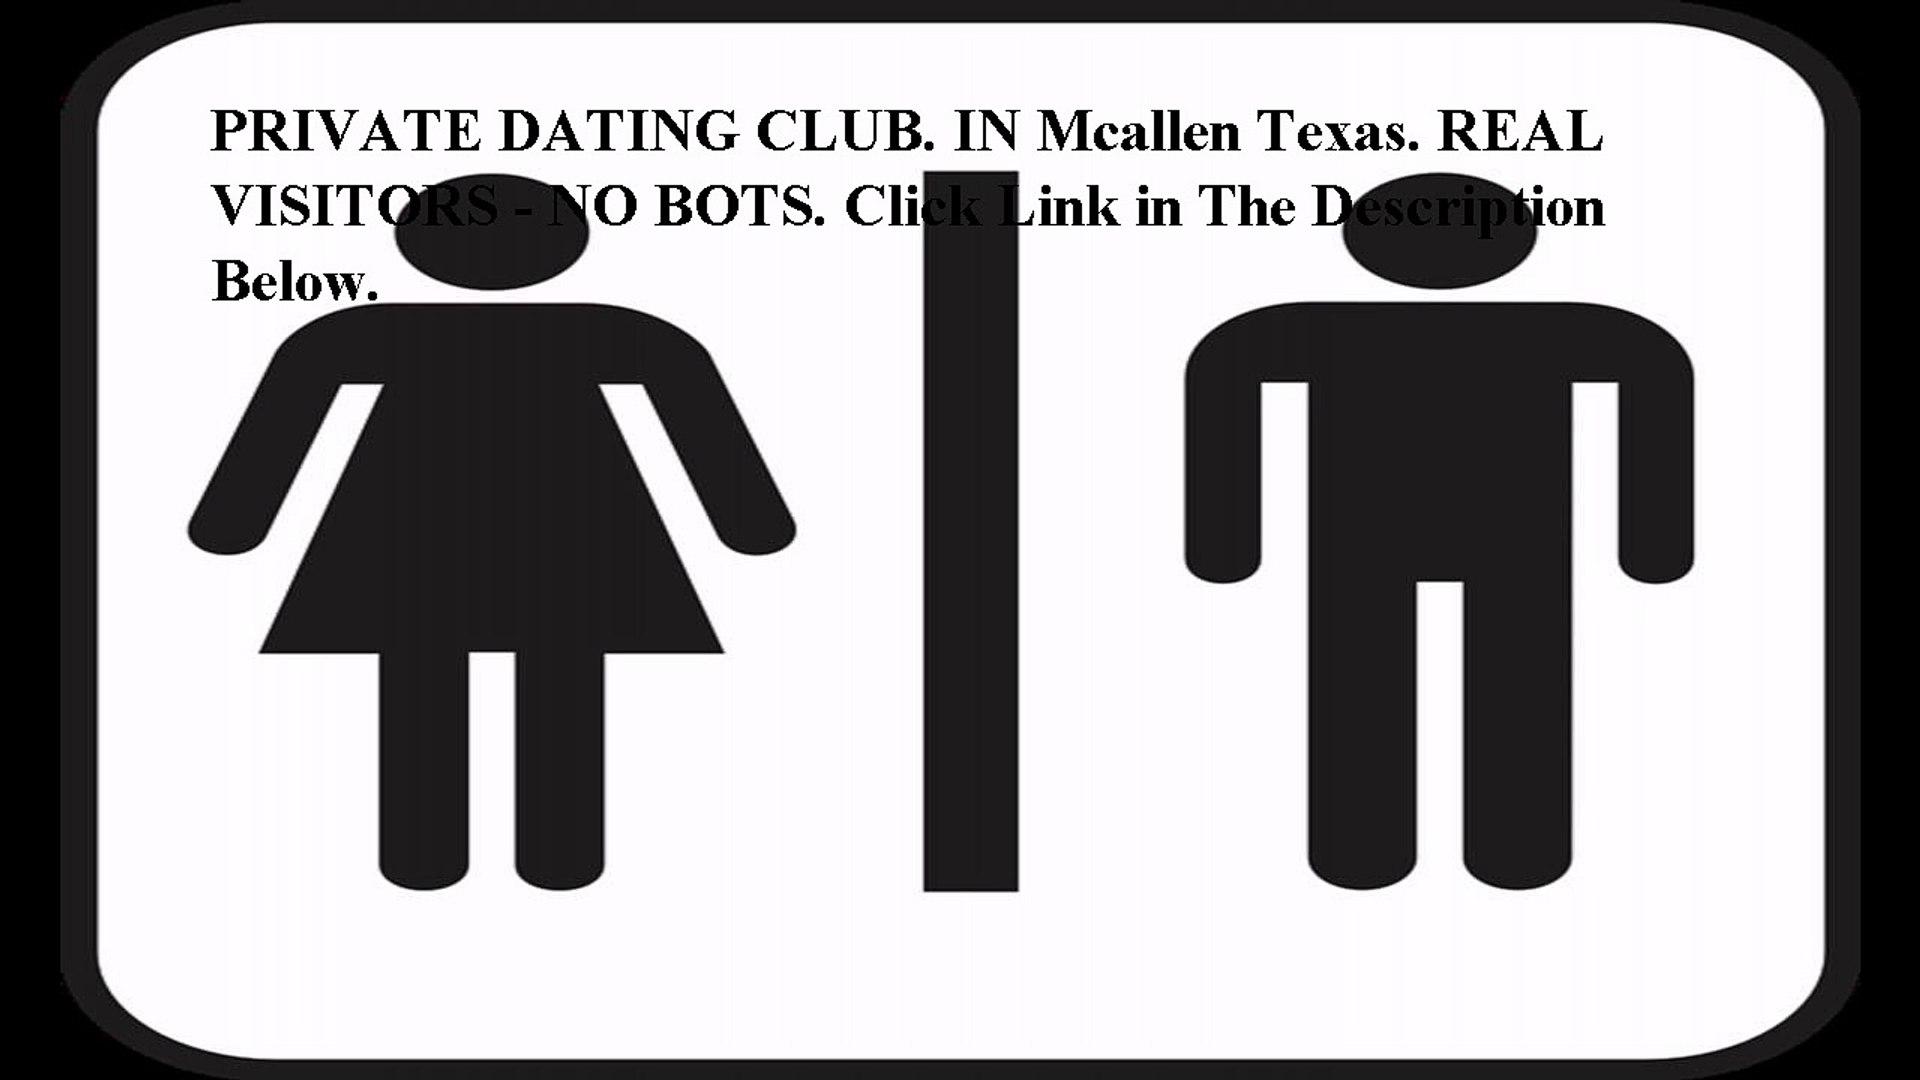 Nopeus dating Laredo TX